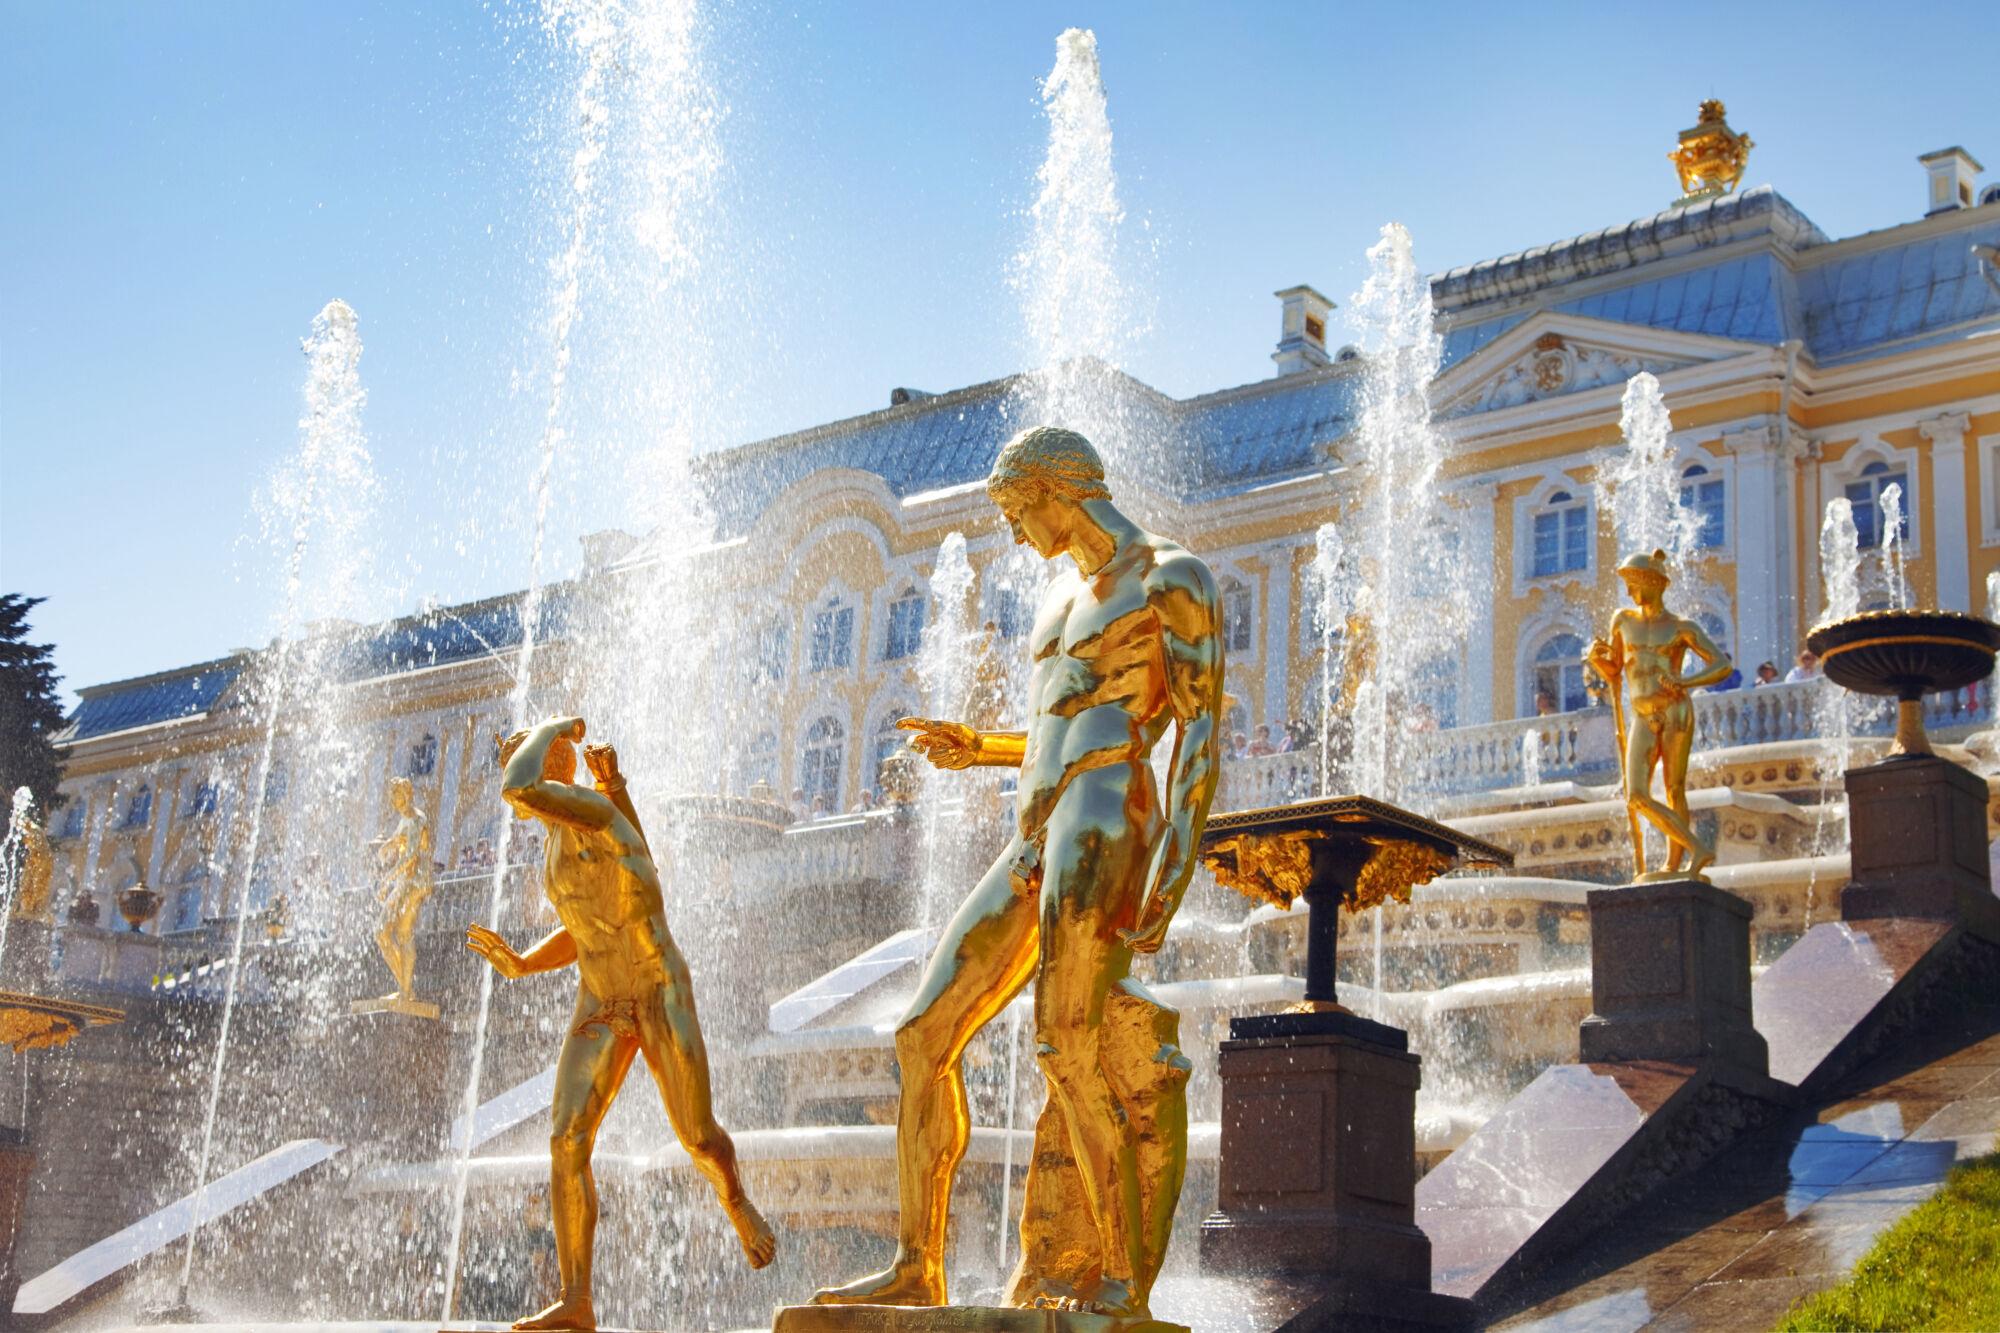 São Petersburgo - Rota da Seda Viagens e Turismo